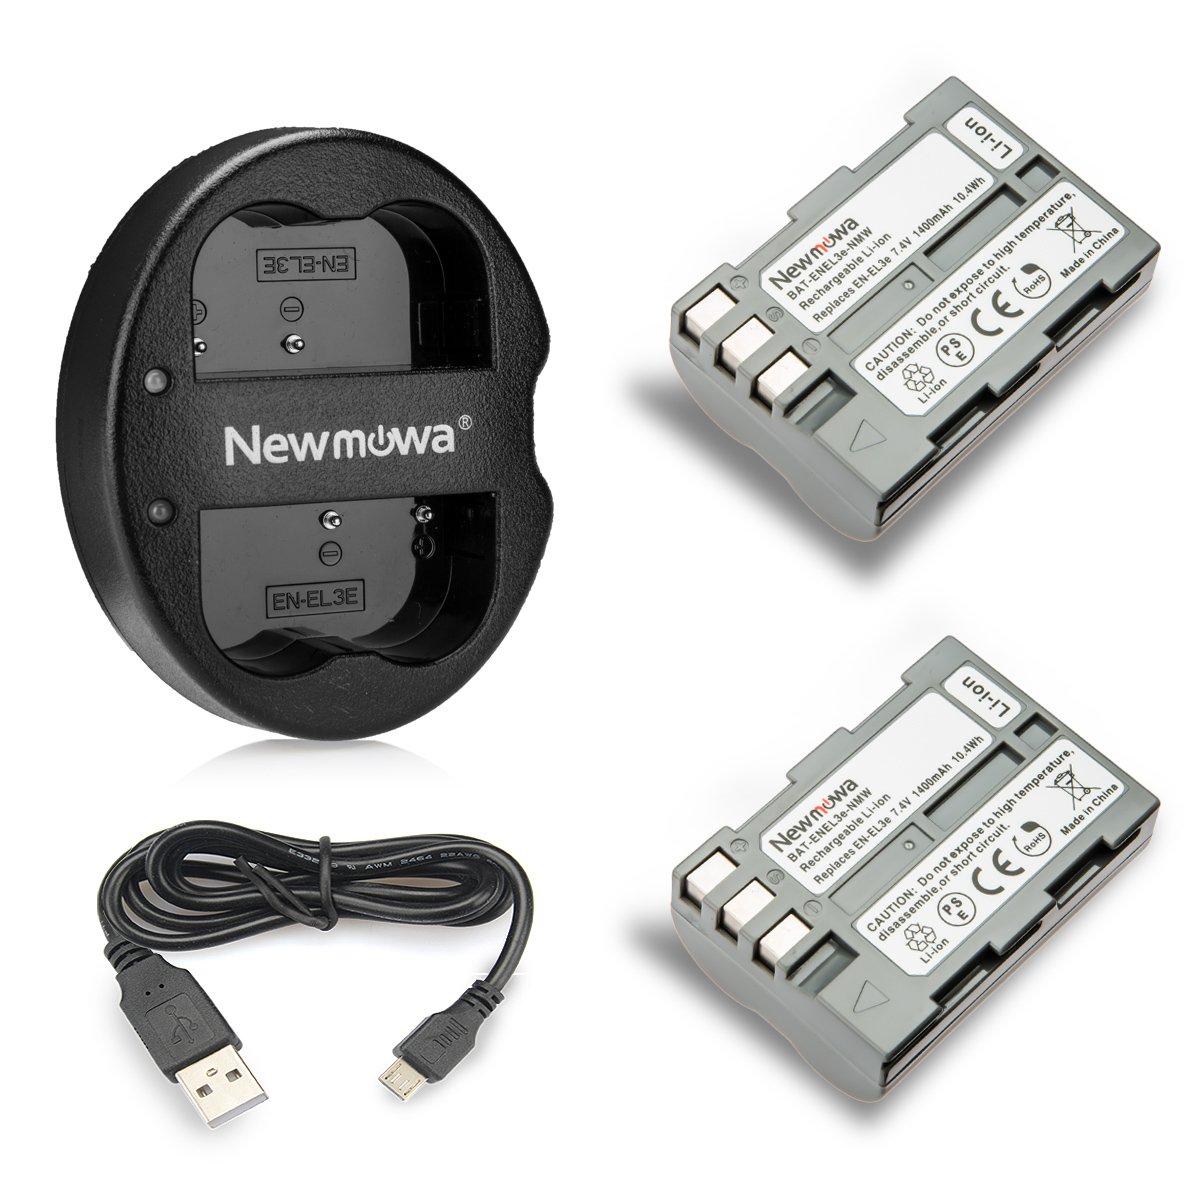 Newmowa EN-EL3e Battery (2-Pack) and Dual USB Charger for Nikon EN-EL3e and Nikon D50, D70, D70s, D80, D90, D100, D200, D300, D300S, D700